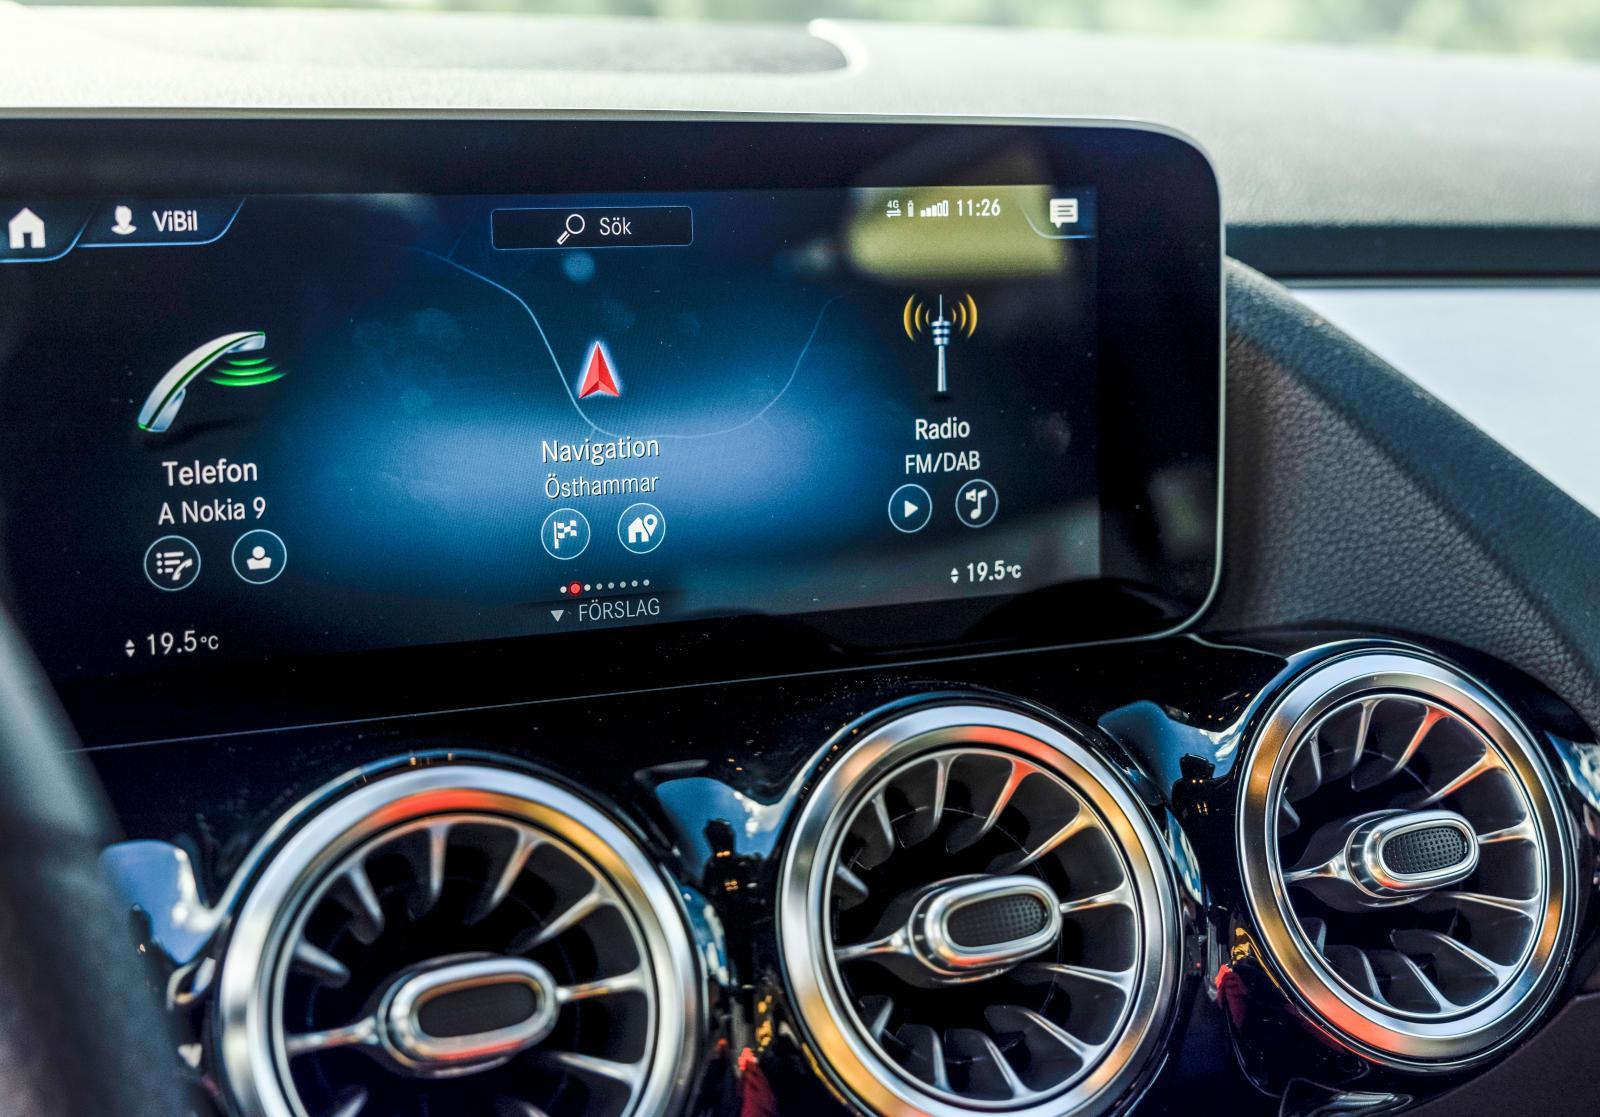 Mercedes förstår talade instruktioner bättre än konkurrenterna. Menyerna kan anpassas efter förarens tycke och användande. Mycket välfungerande.